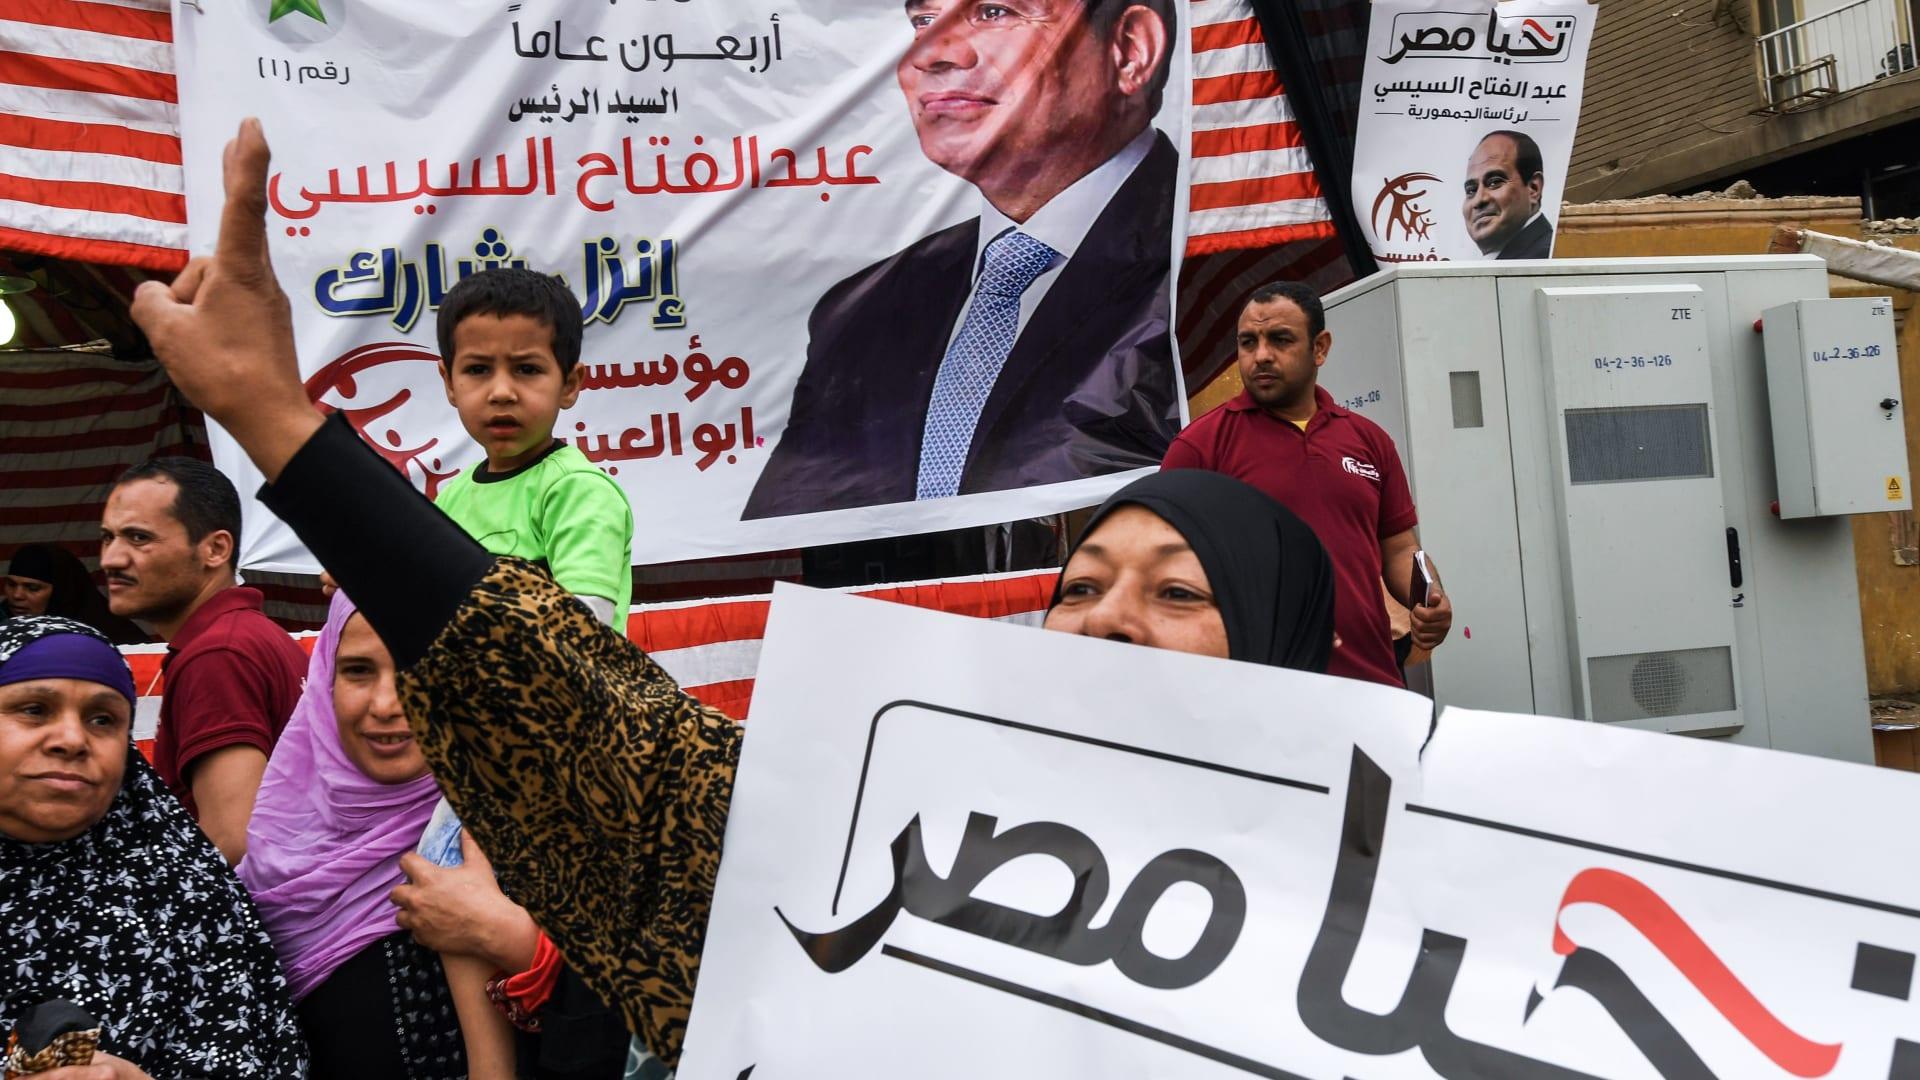 السعودية والإمارات والبحرين تهنئ بفوز السيسي